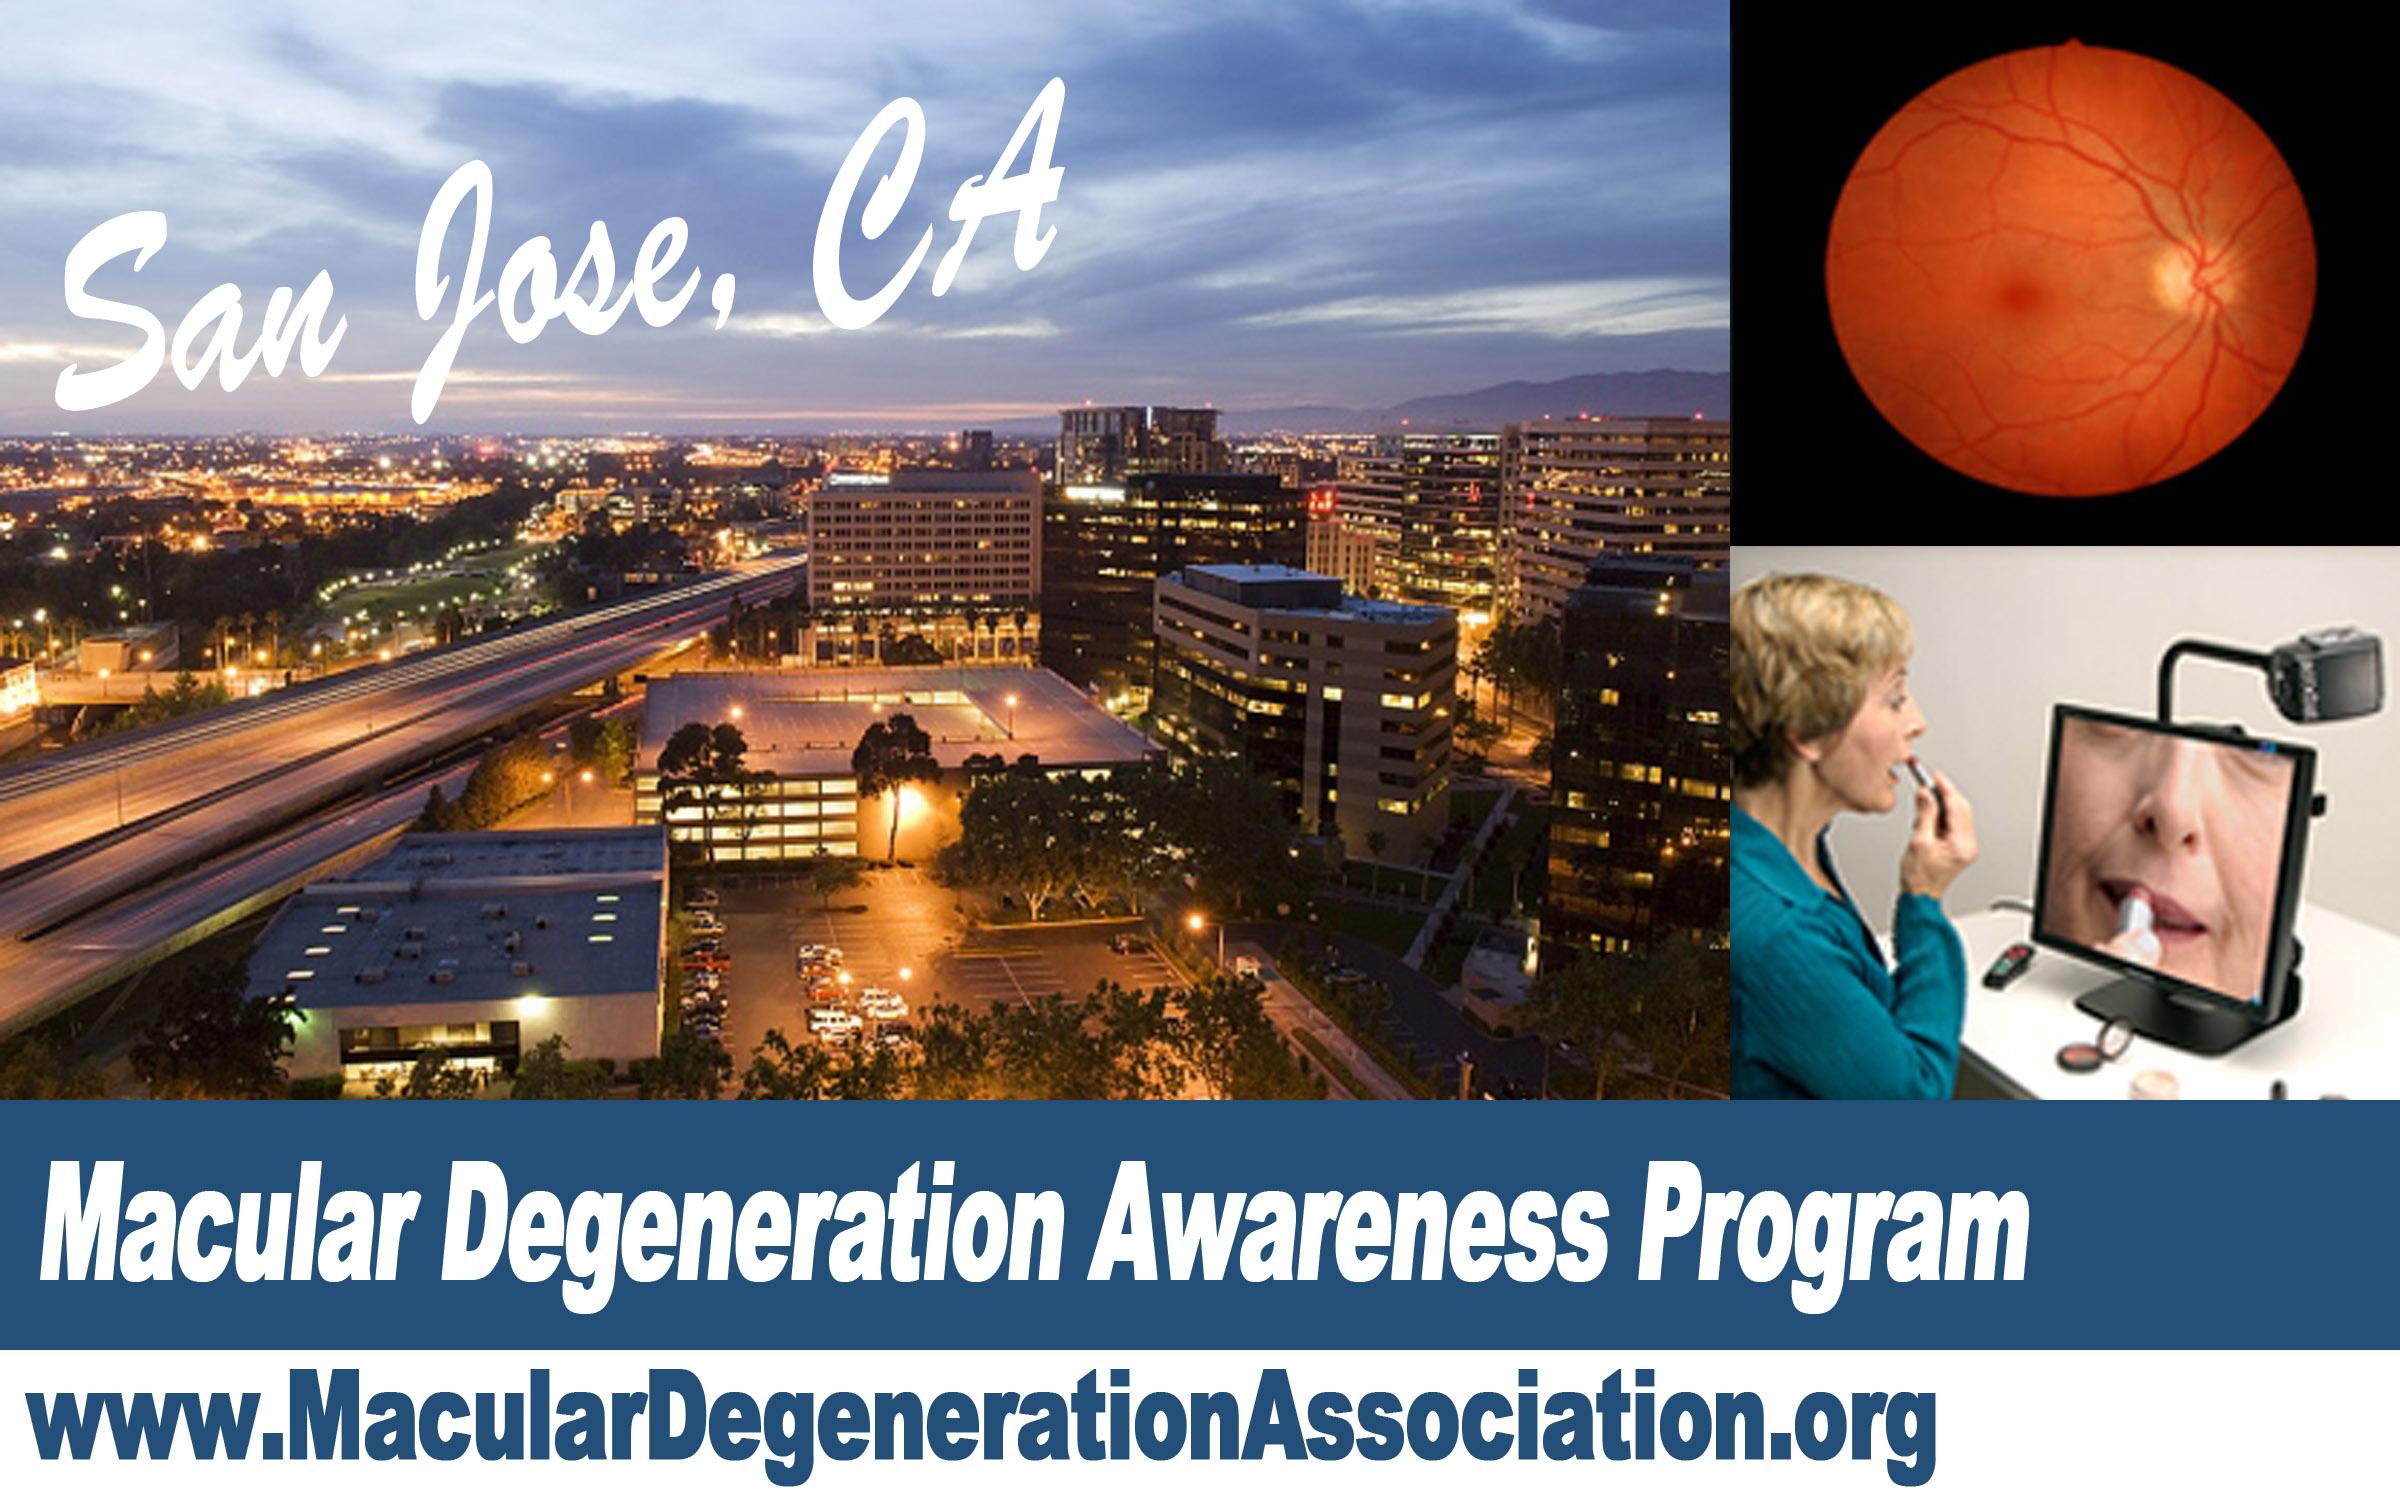 San Jose awareness program